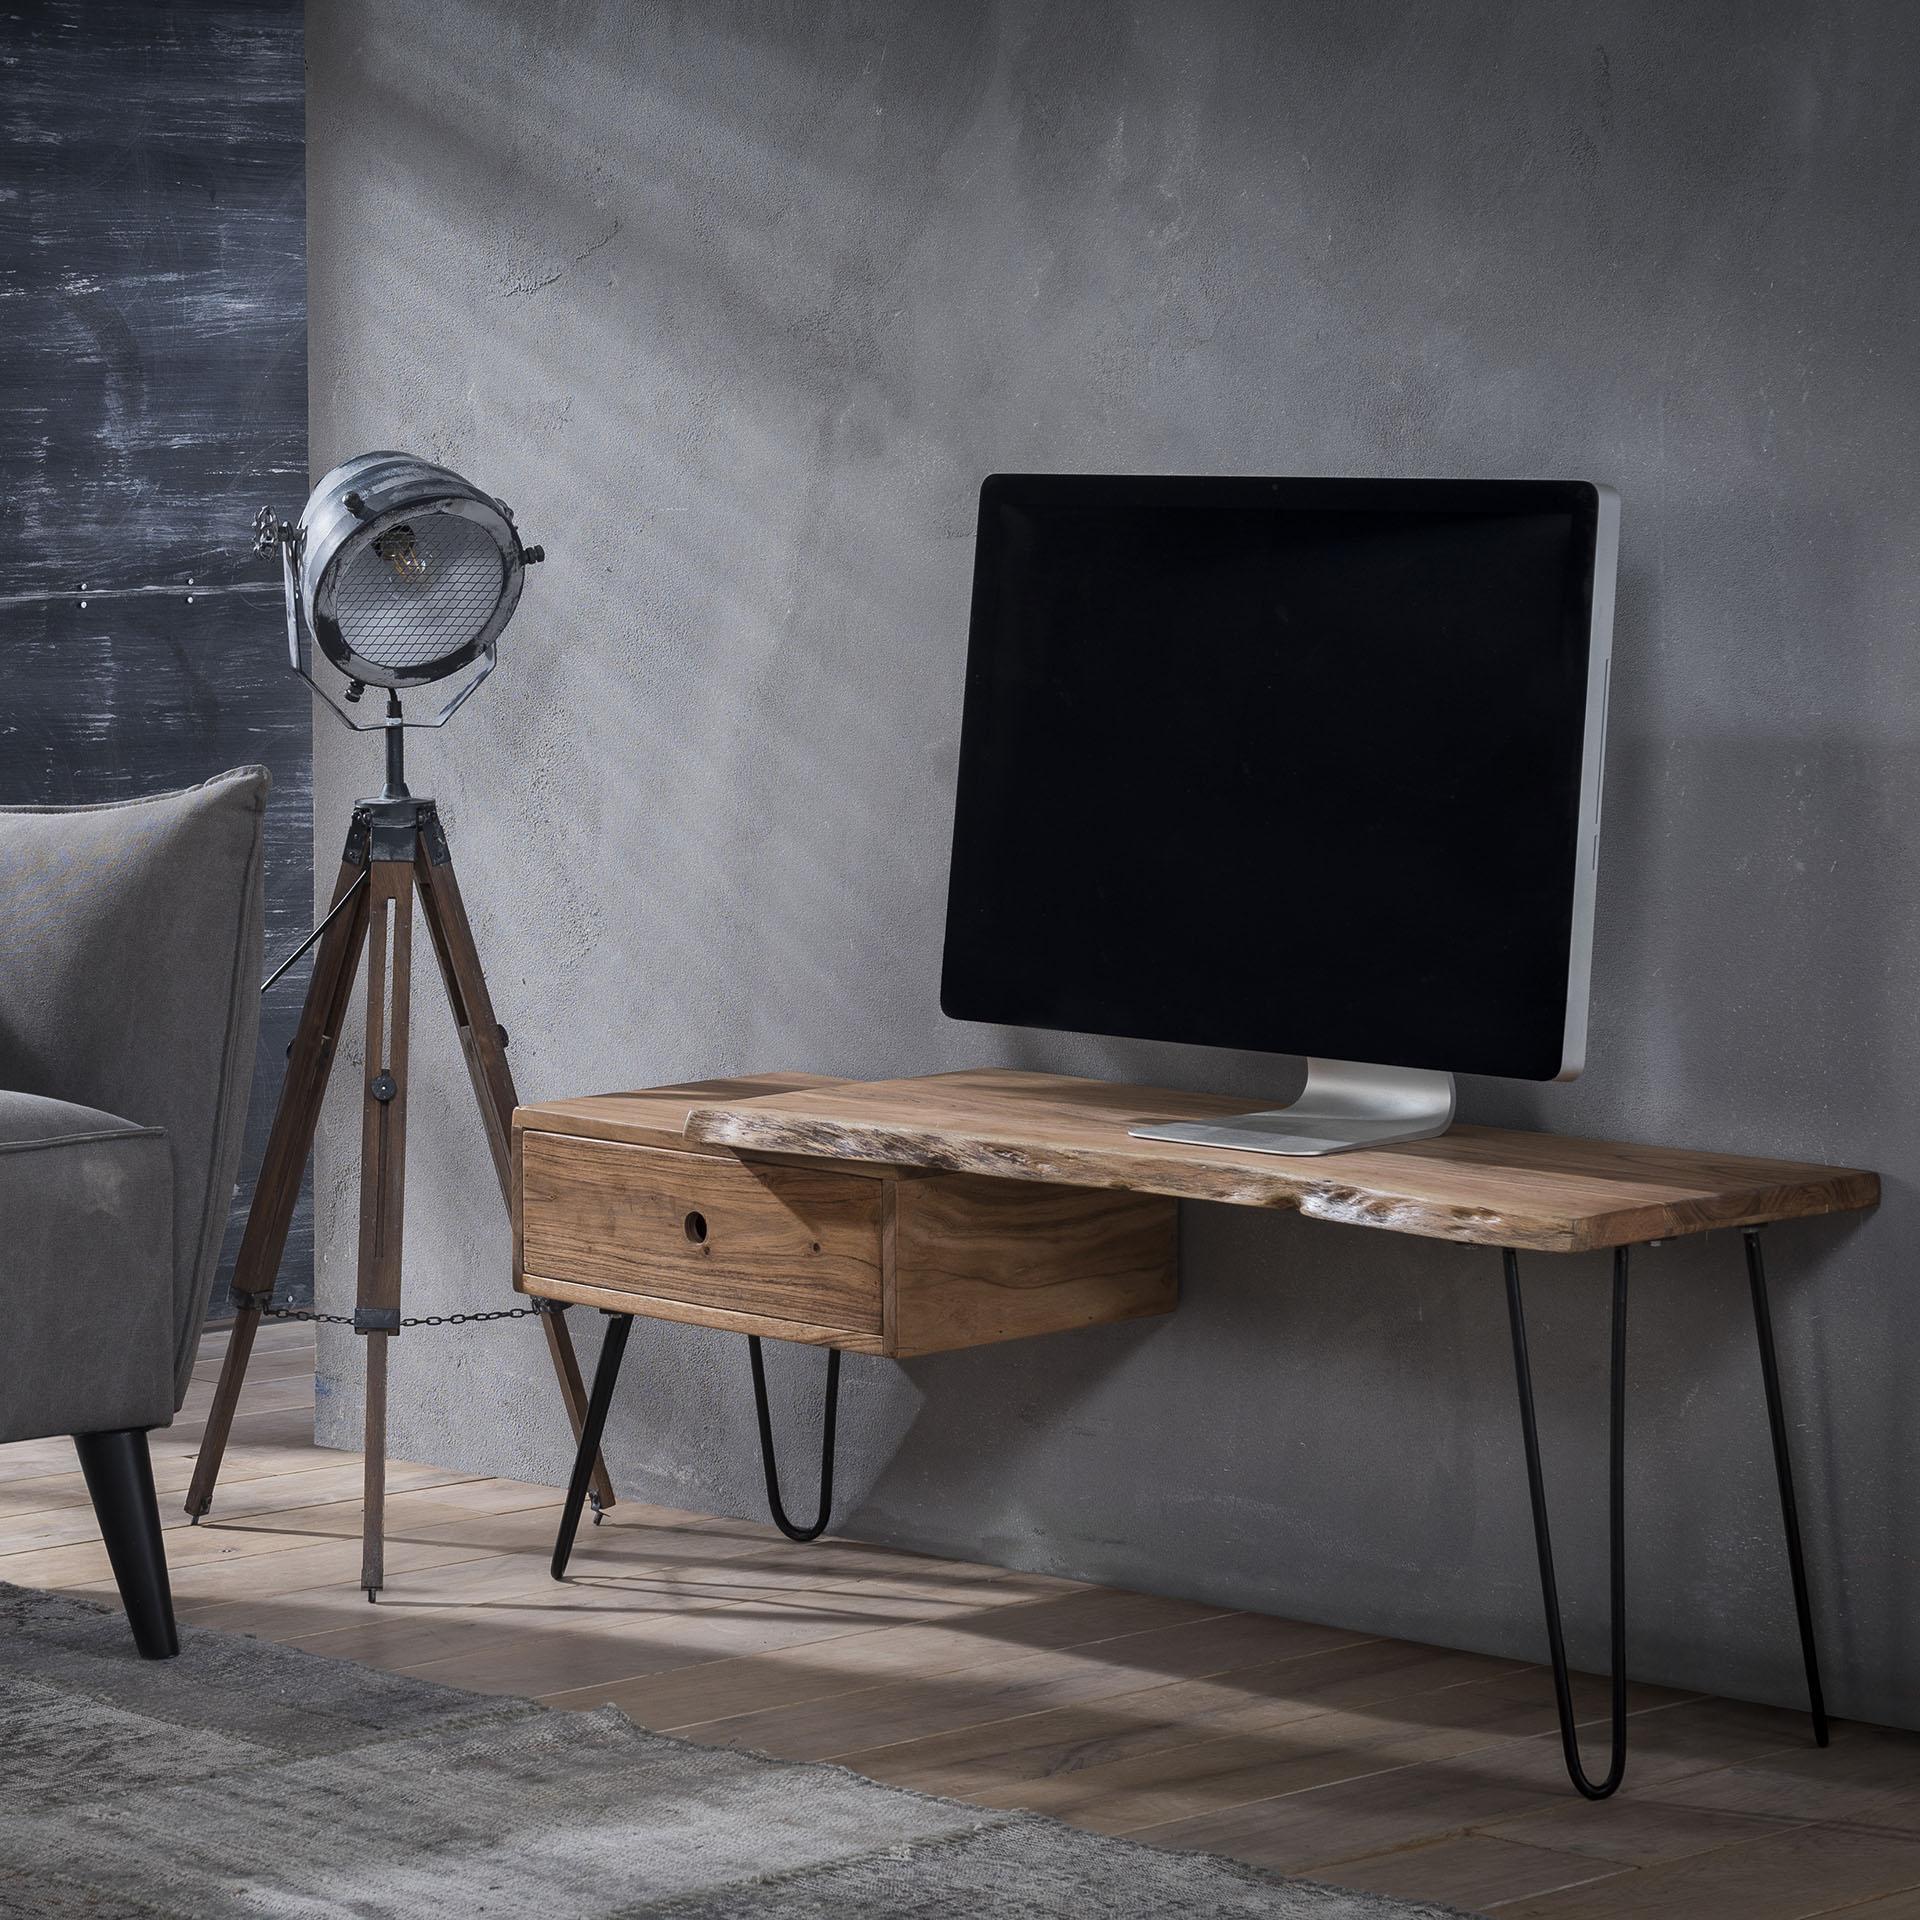 TV-meubel 'Geena', massief acacia 120cm vergelijken LifestyleFurn